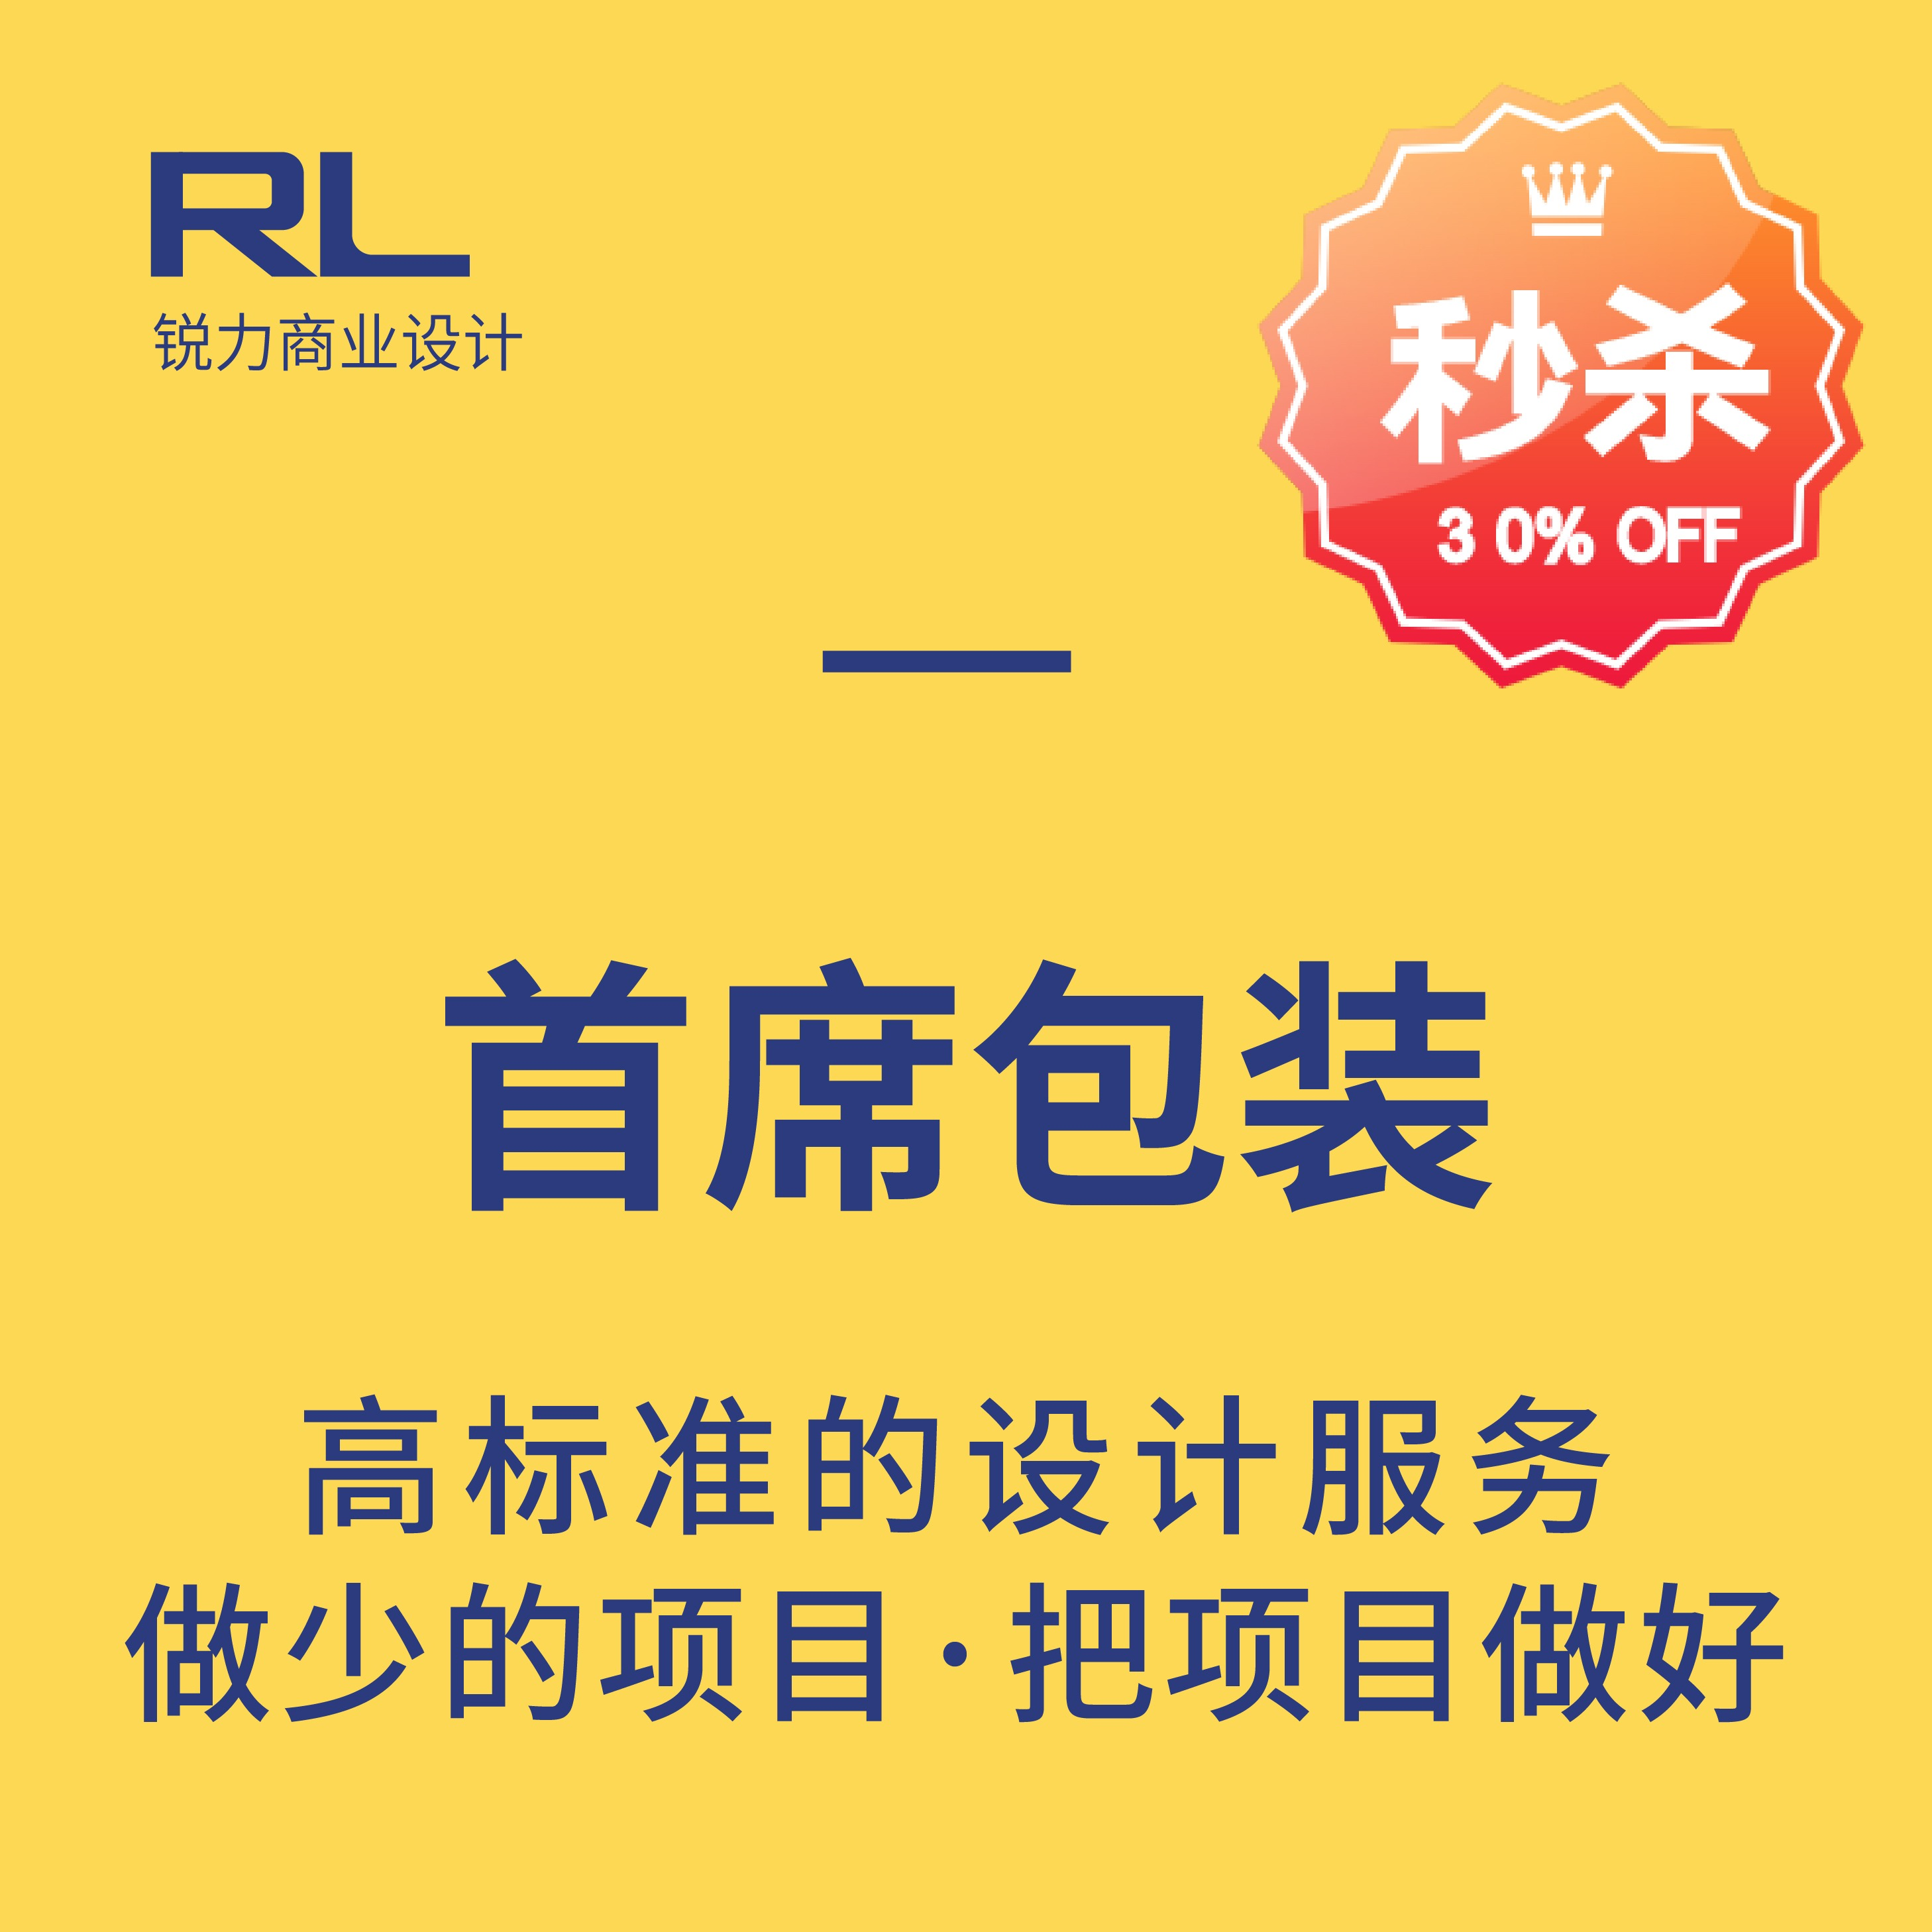 【首席包装】礼盒设计食品袋瓶贴茶叶产品插画化妆品白酒农业大米